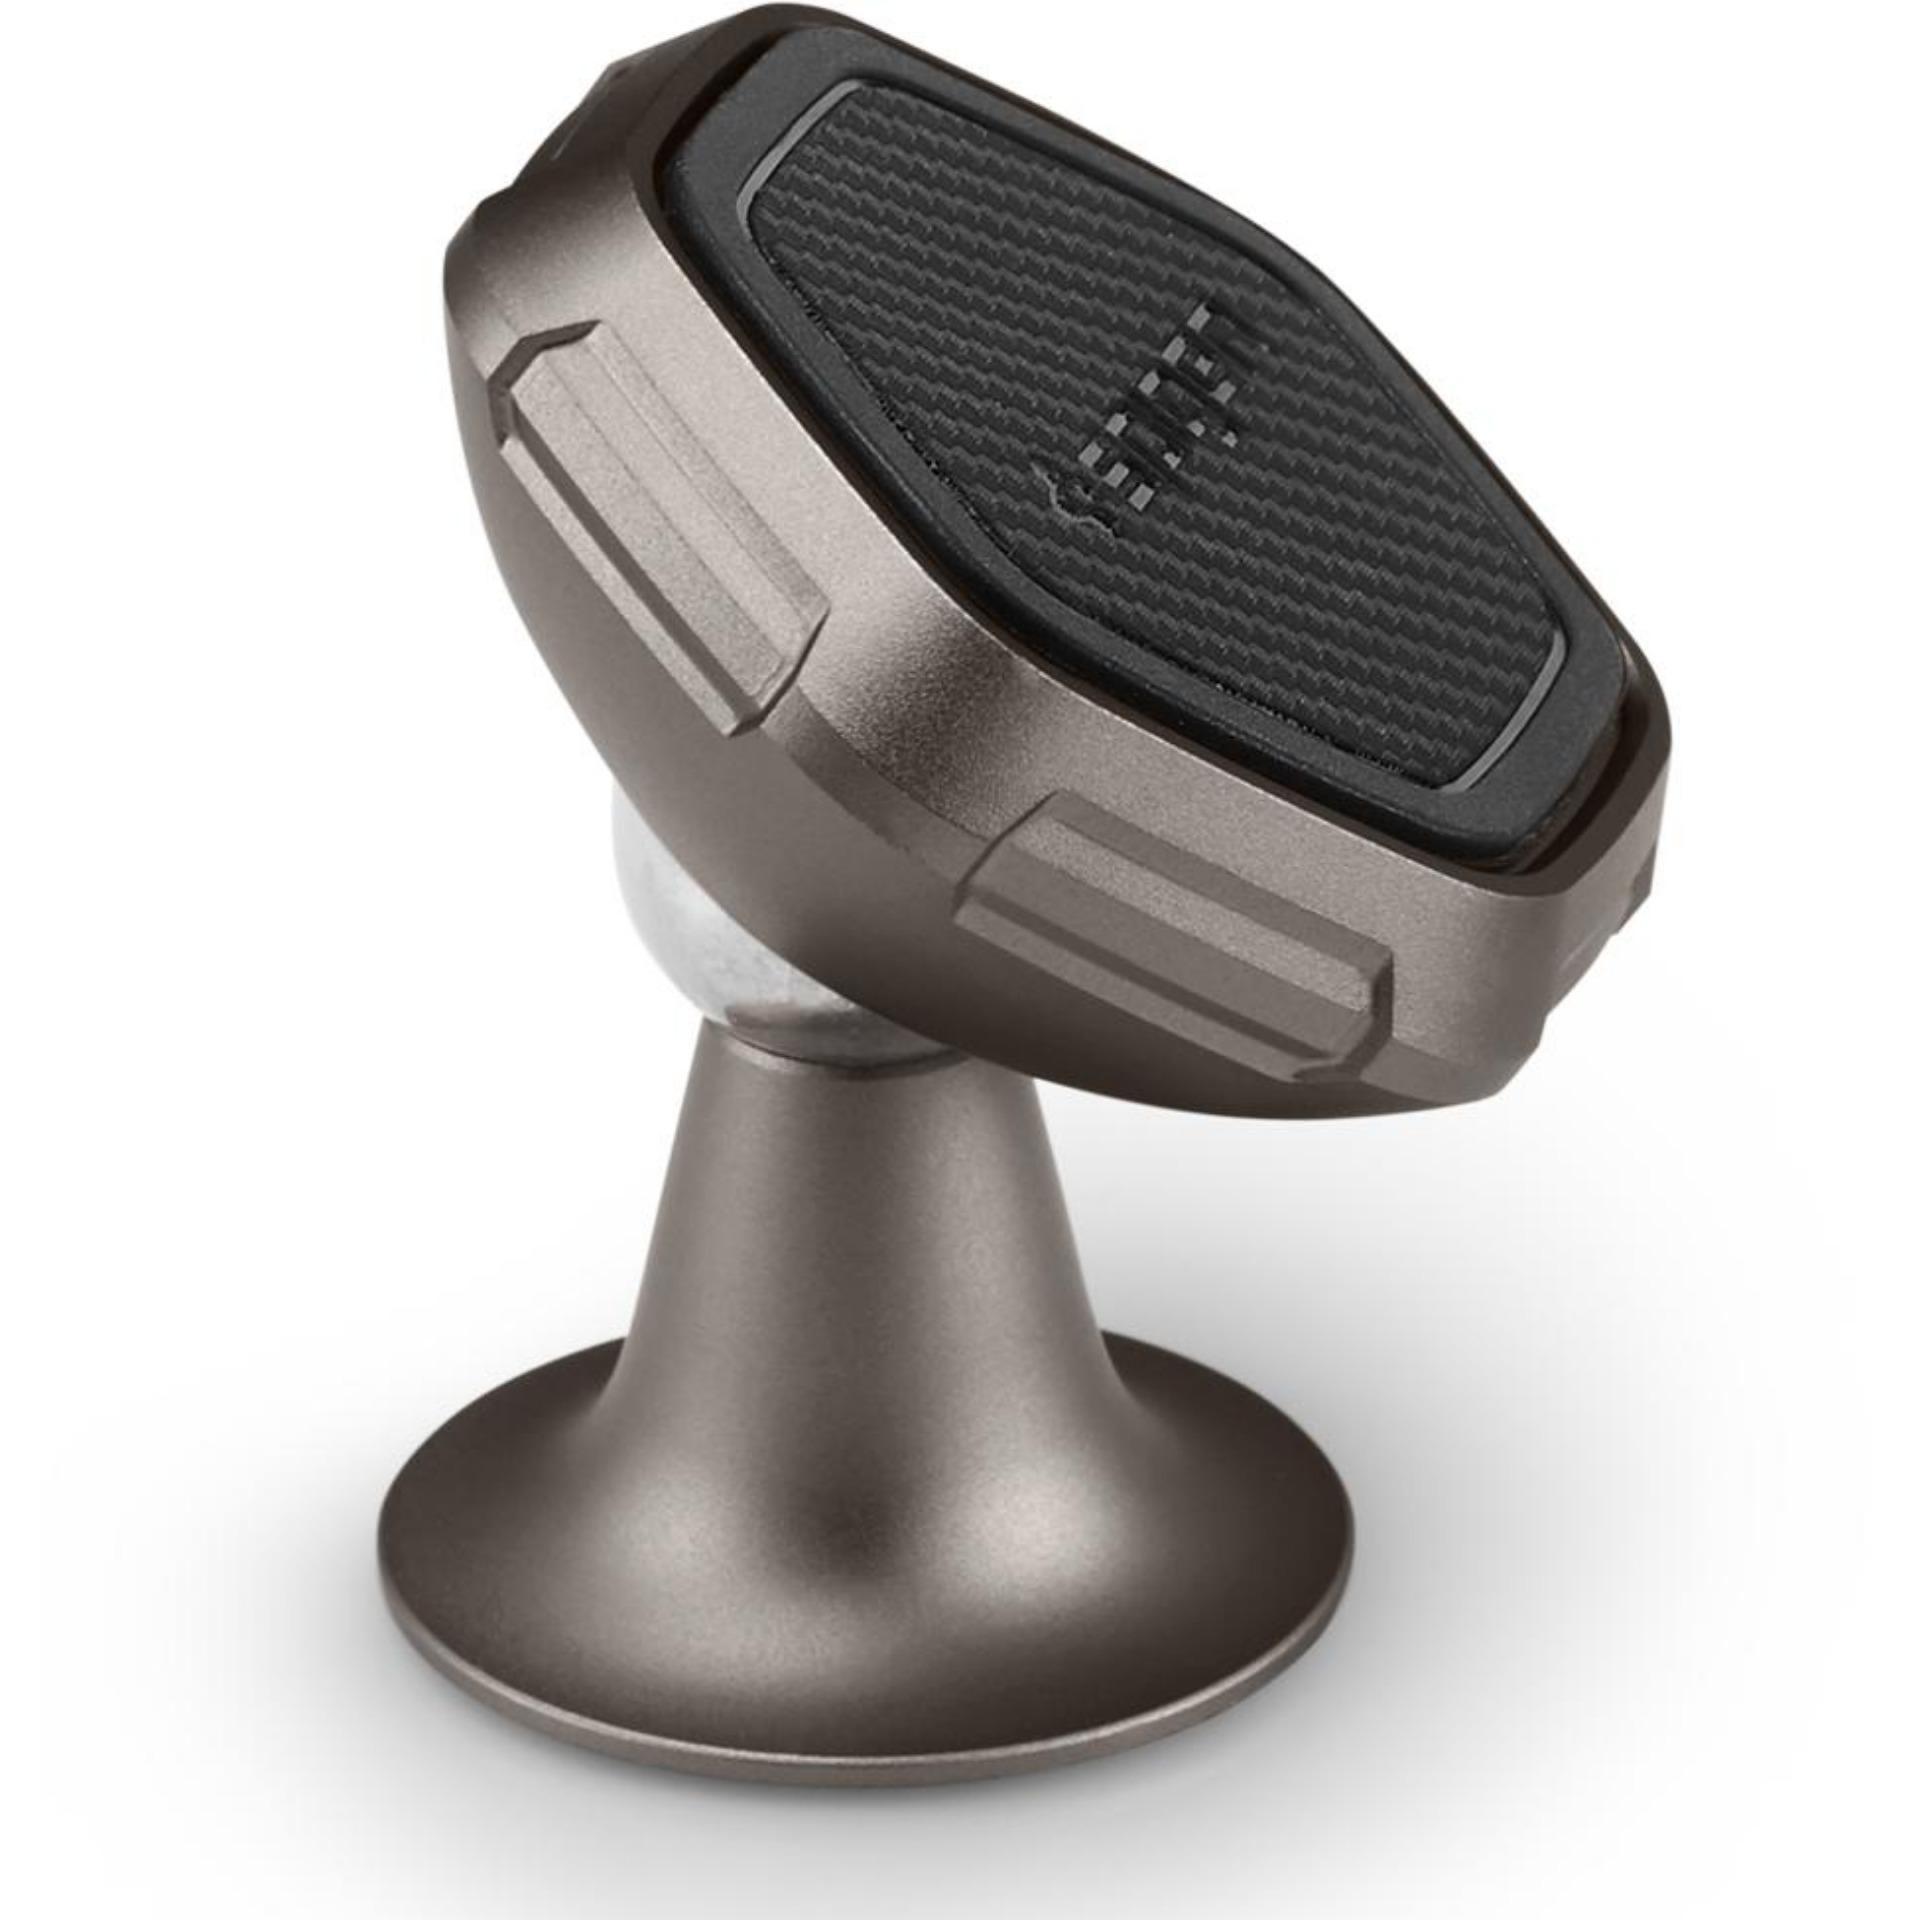 online store 80691 944dc SPIGEN Philippines - SPIGEN Car Phone Holder for sale - prices ...